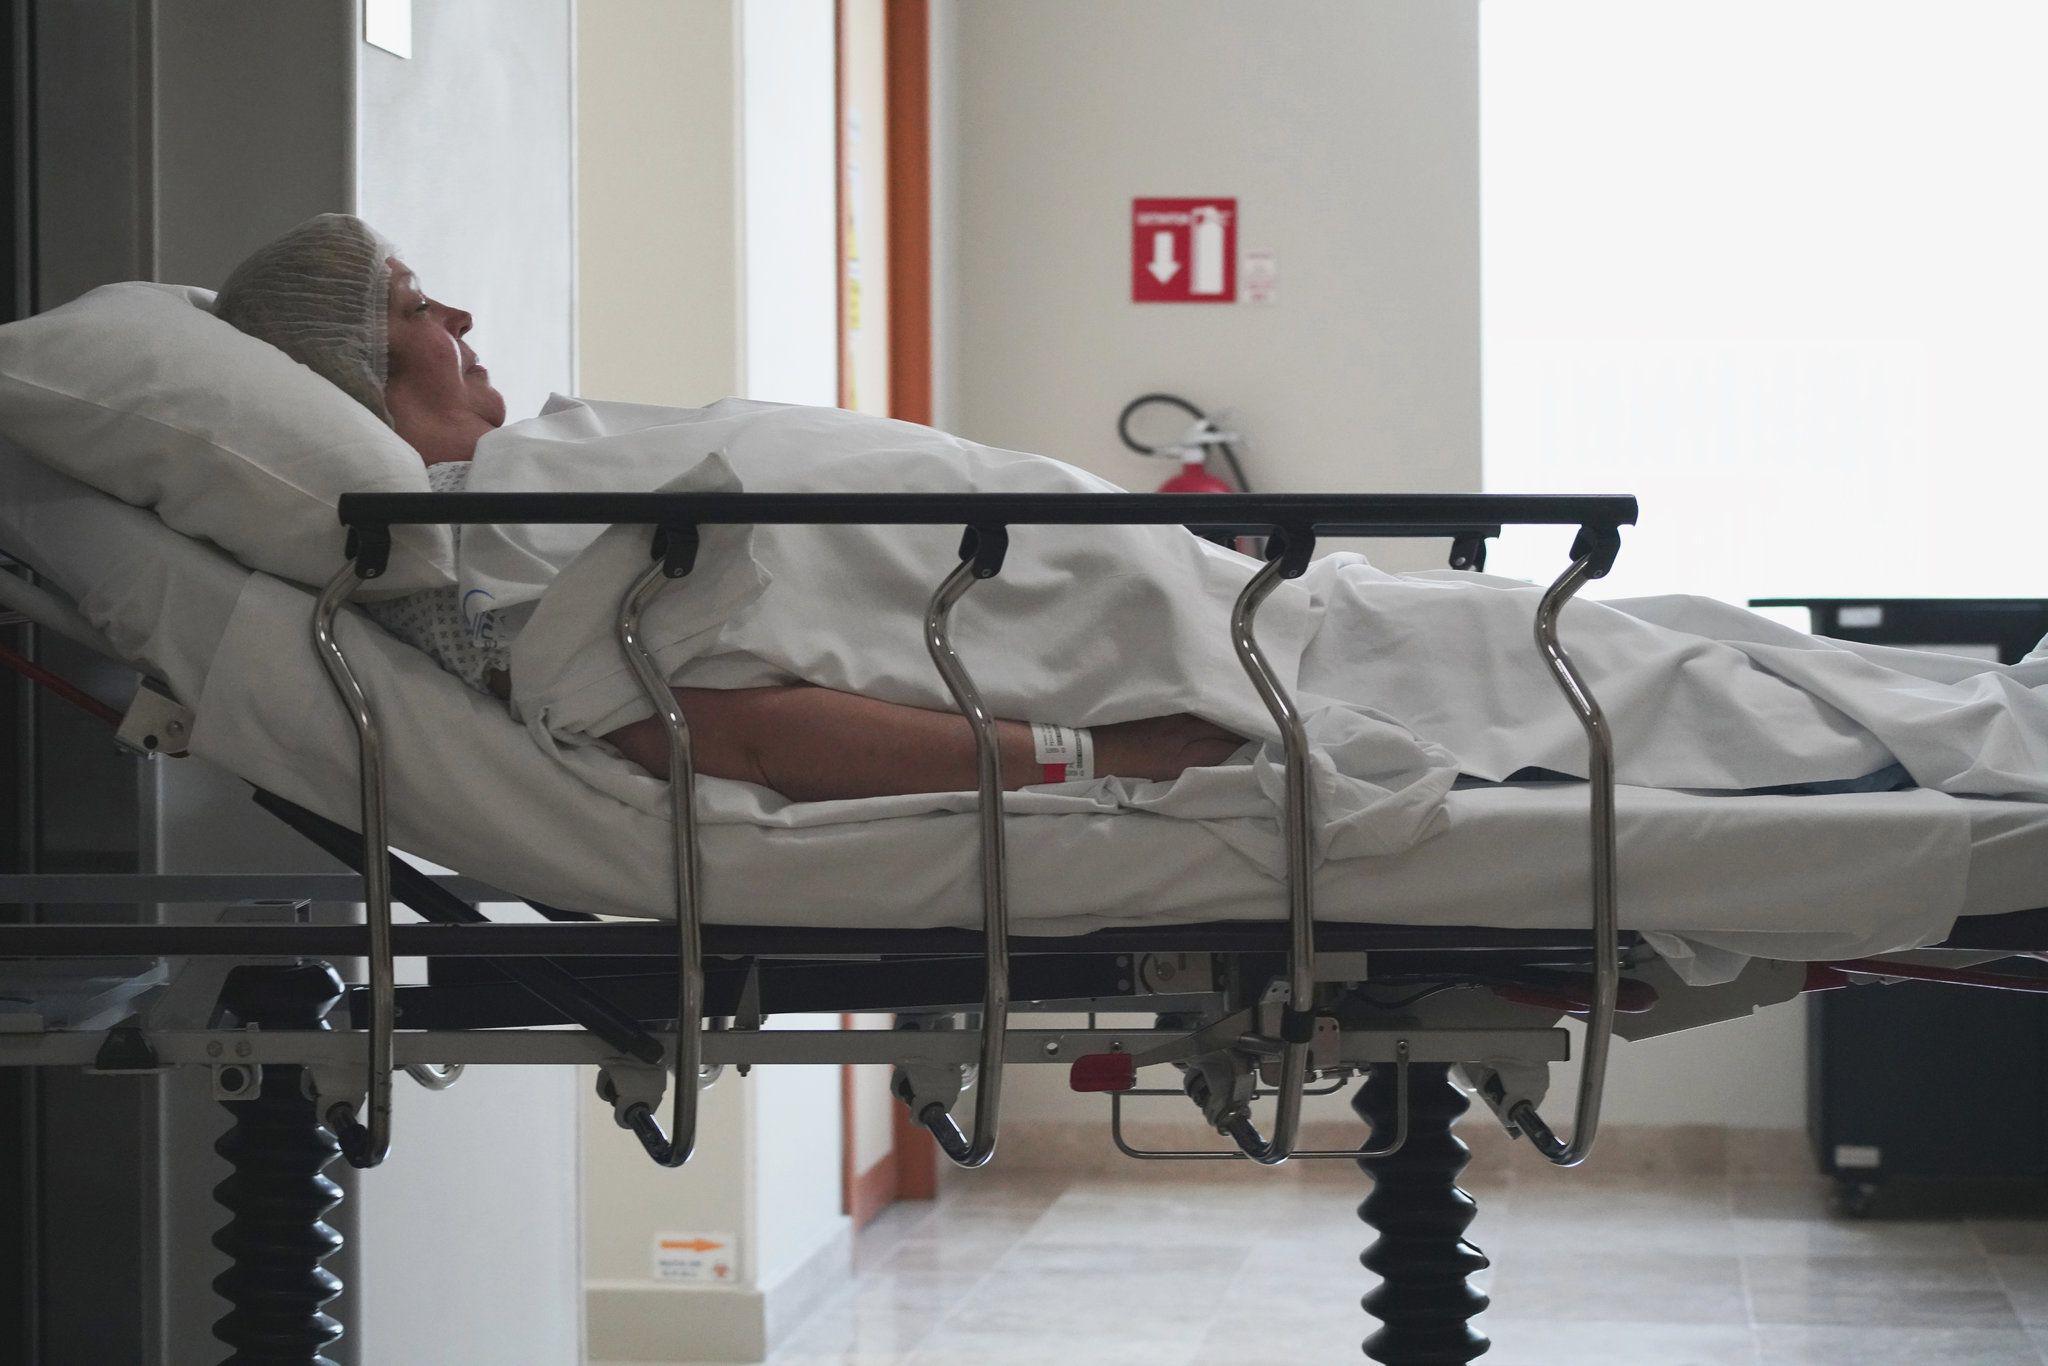 Donna Ferguson, de Ecru, Misuri, viajó a un hospital privado en Cancún, México, para que le remplazaran la rodilla en julio (Foto: Rocco Saint-Mleux para Kaiser Health News)